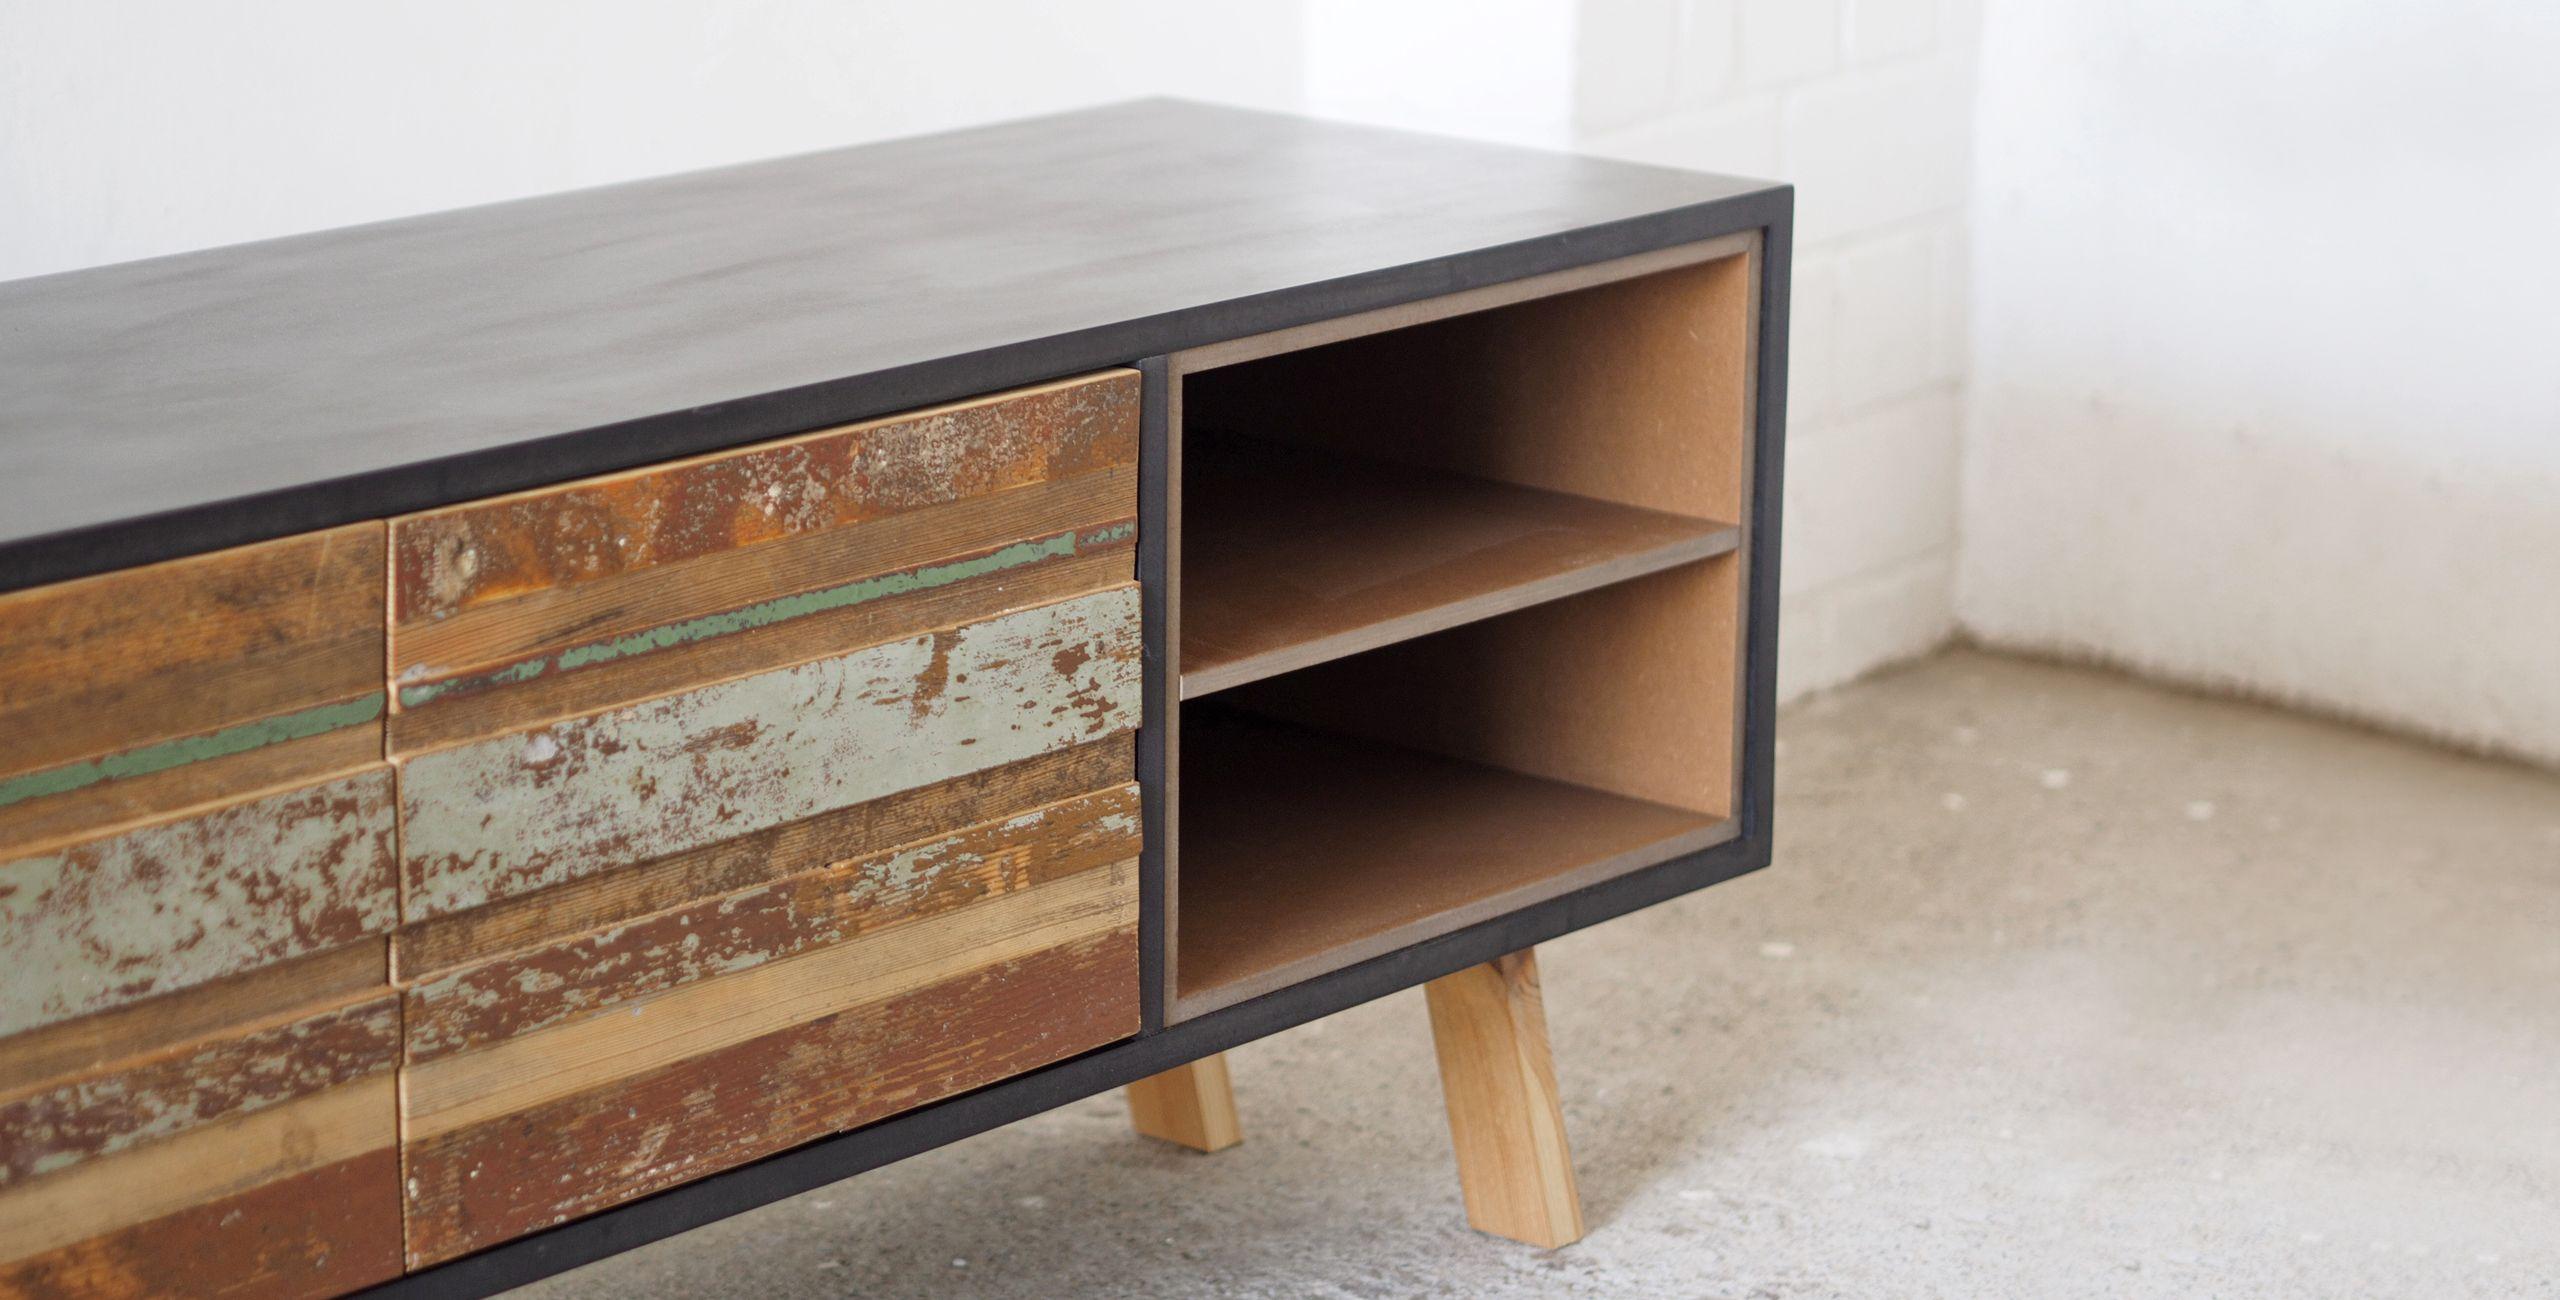 Mobeldesign Mit Geschichte Aus Berlin Mit Bildern Berlin Design Design Furniture